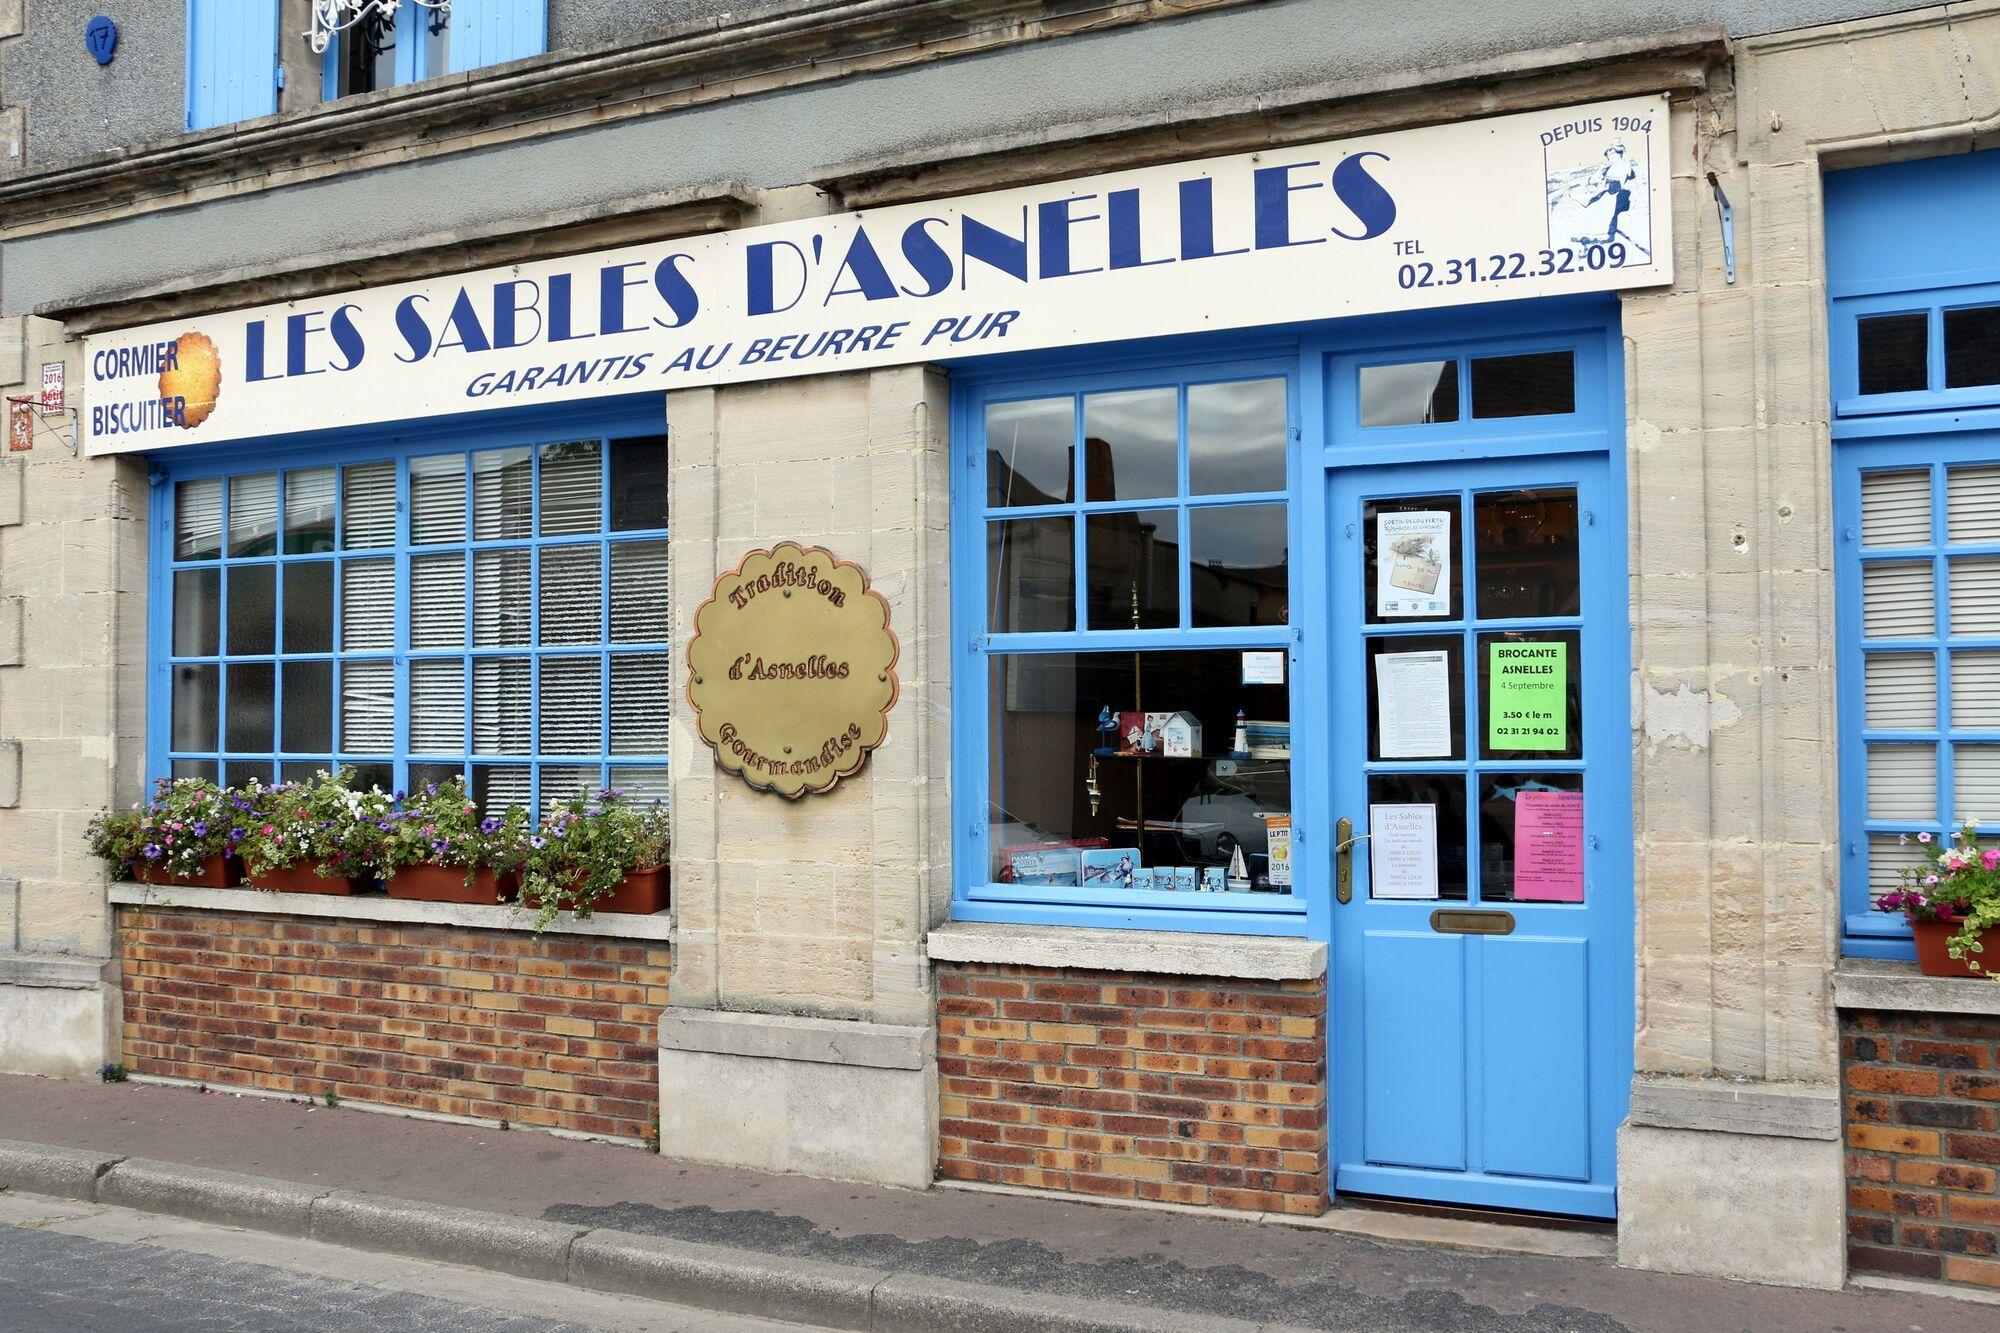 Les Sables D'asnelles, בכפר אנל